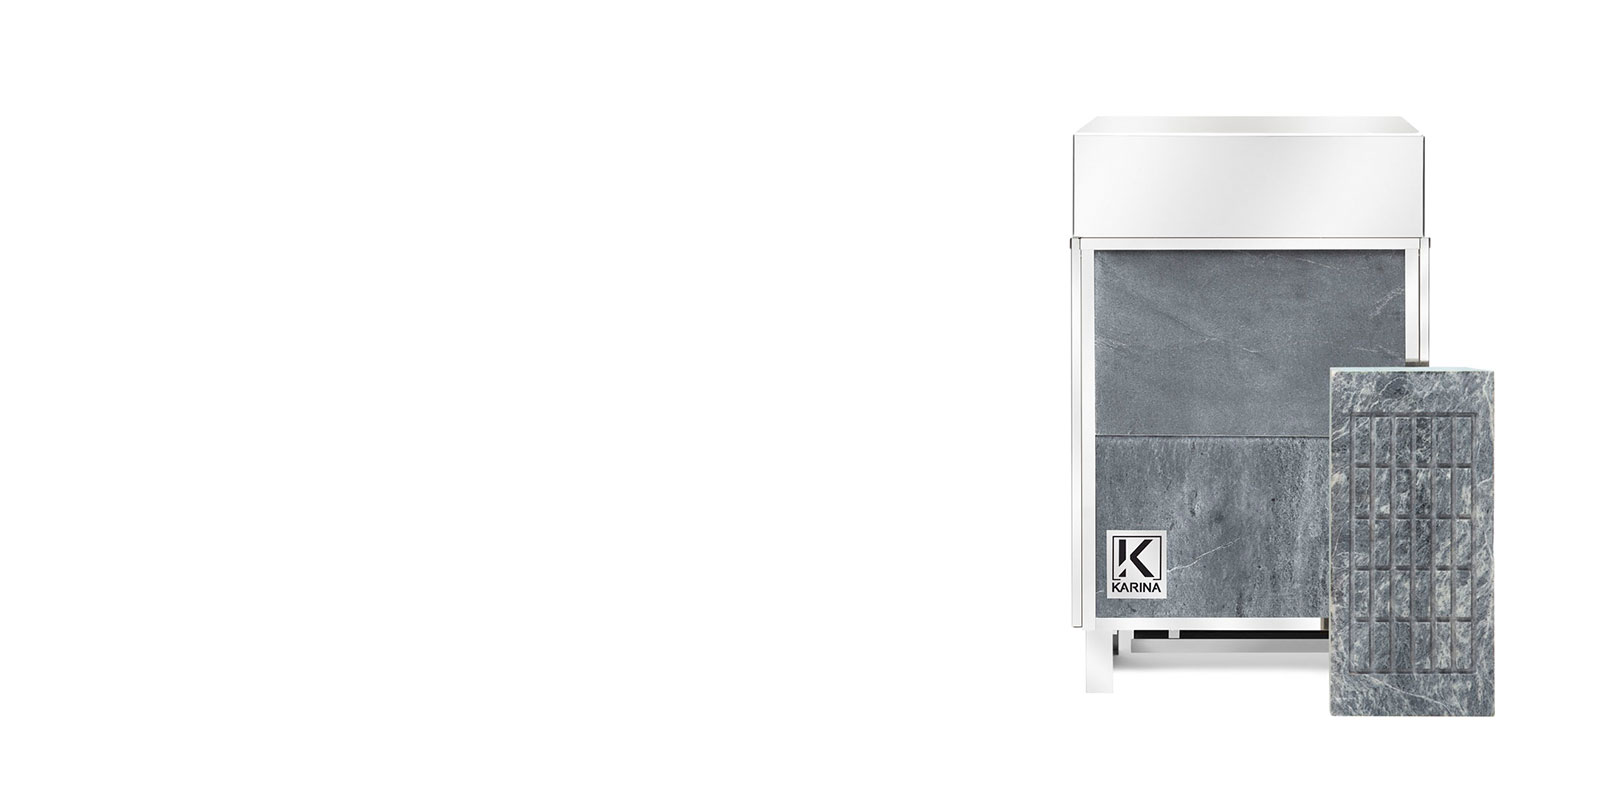 Электропечь KARINA Премиум в облицовке талькохлорит (Горизонтальный) 12 кВт